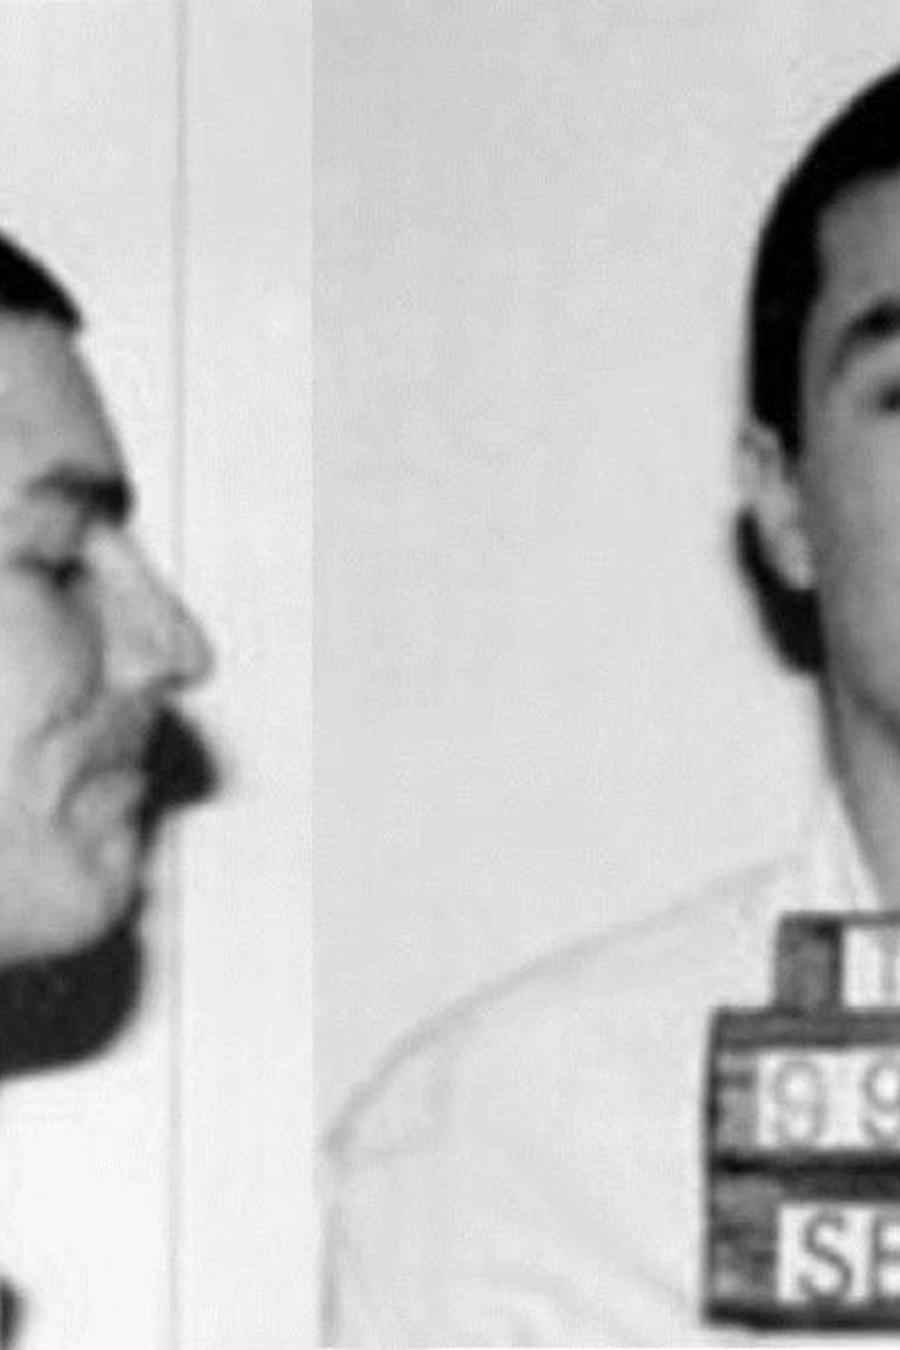 El argentino Víctor Saldaño ha sido sentenciado a muerte en dos ocasiones por el asesinato de Paul King en 1995. El Tribunal Supremo rechazó revisar su última sentencia, y solo la clemencia del gobernador de Texas puede conmutarla y salvar la vida